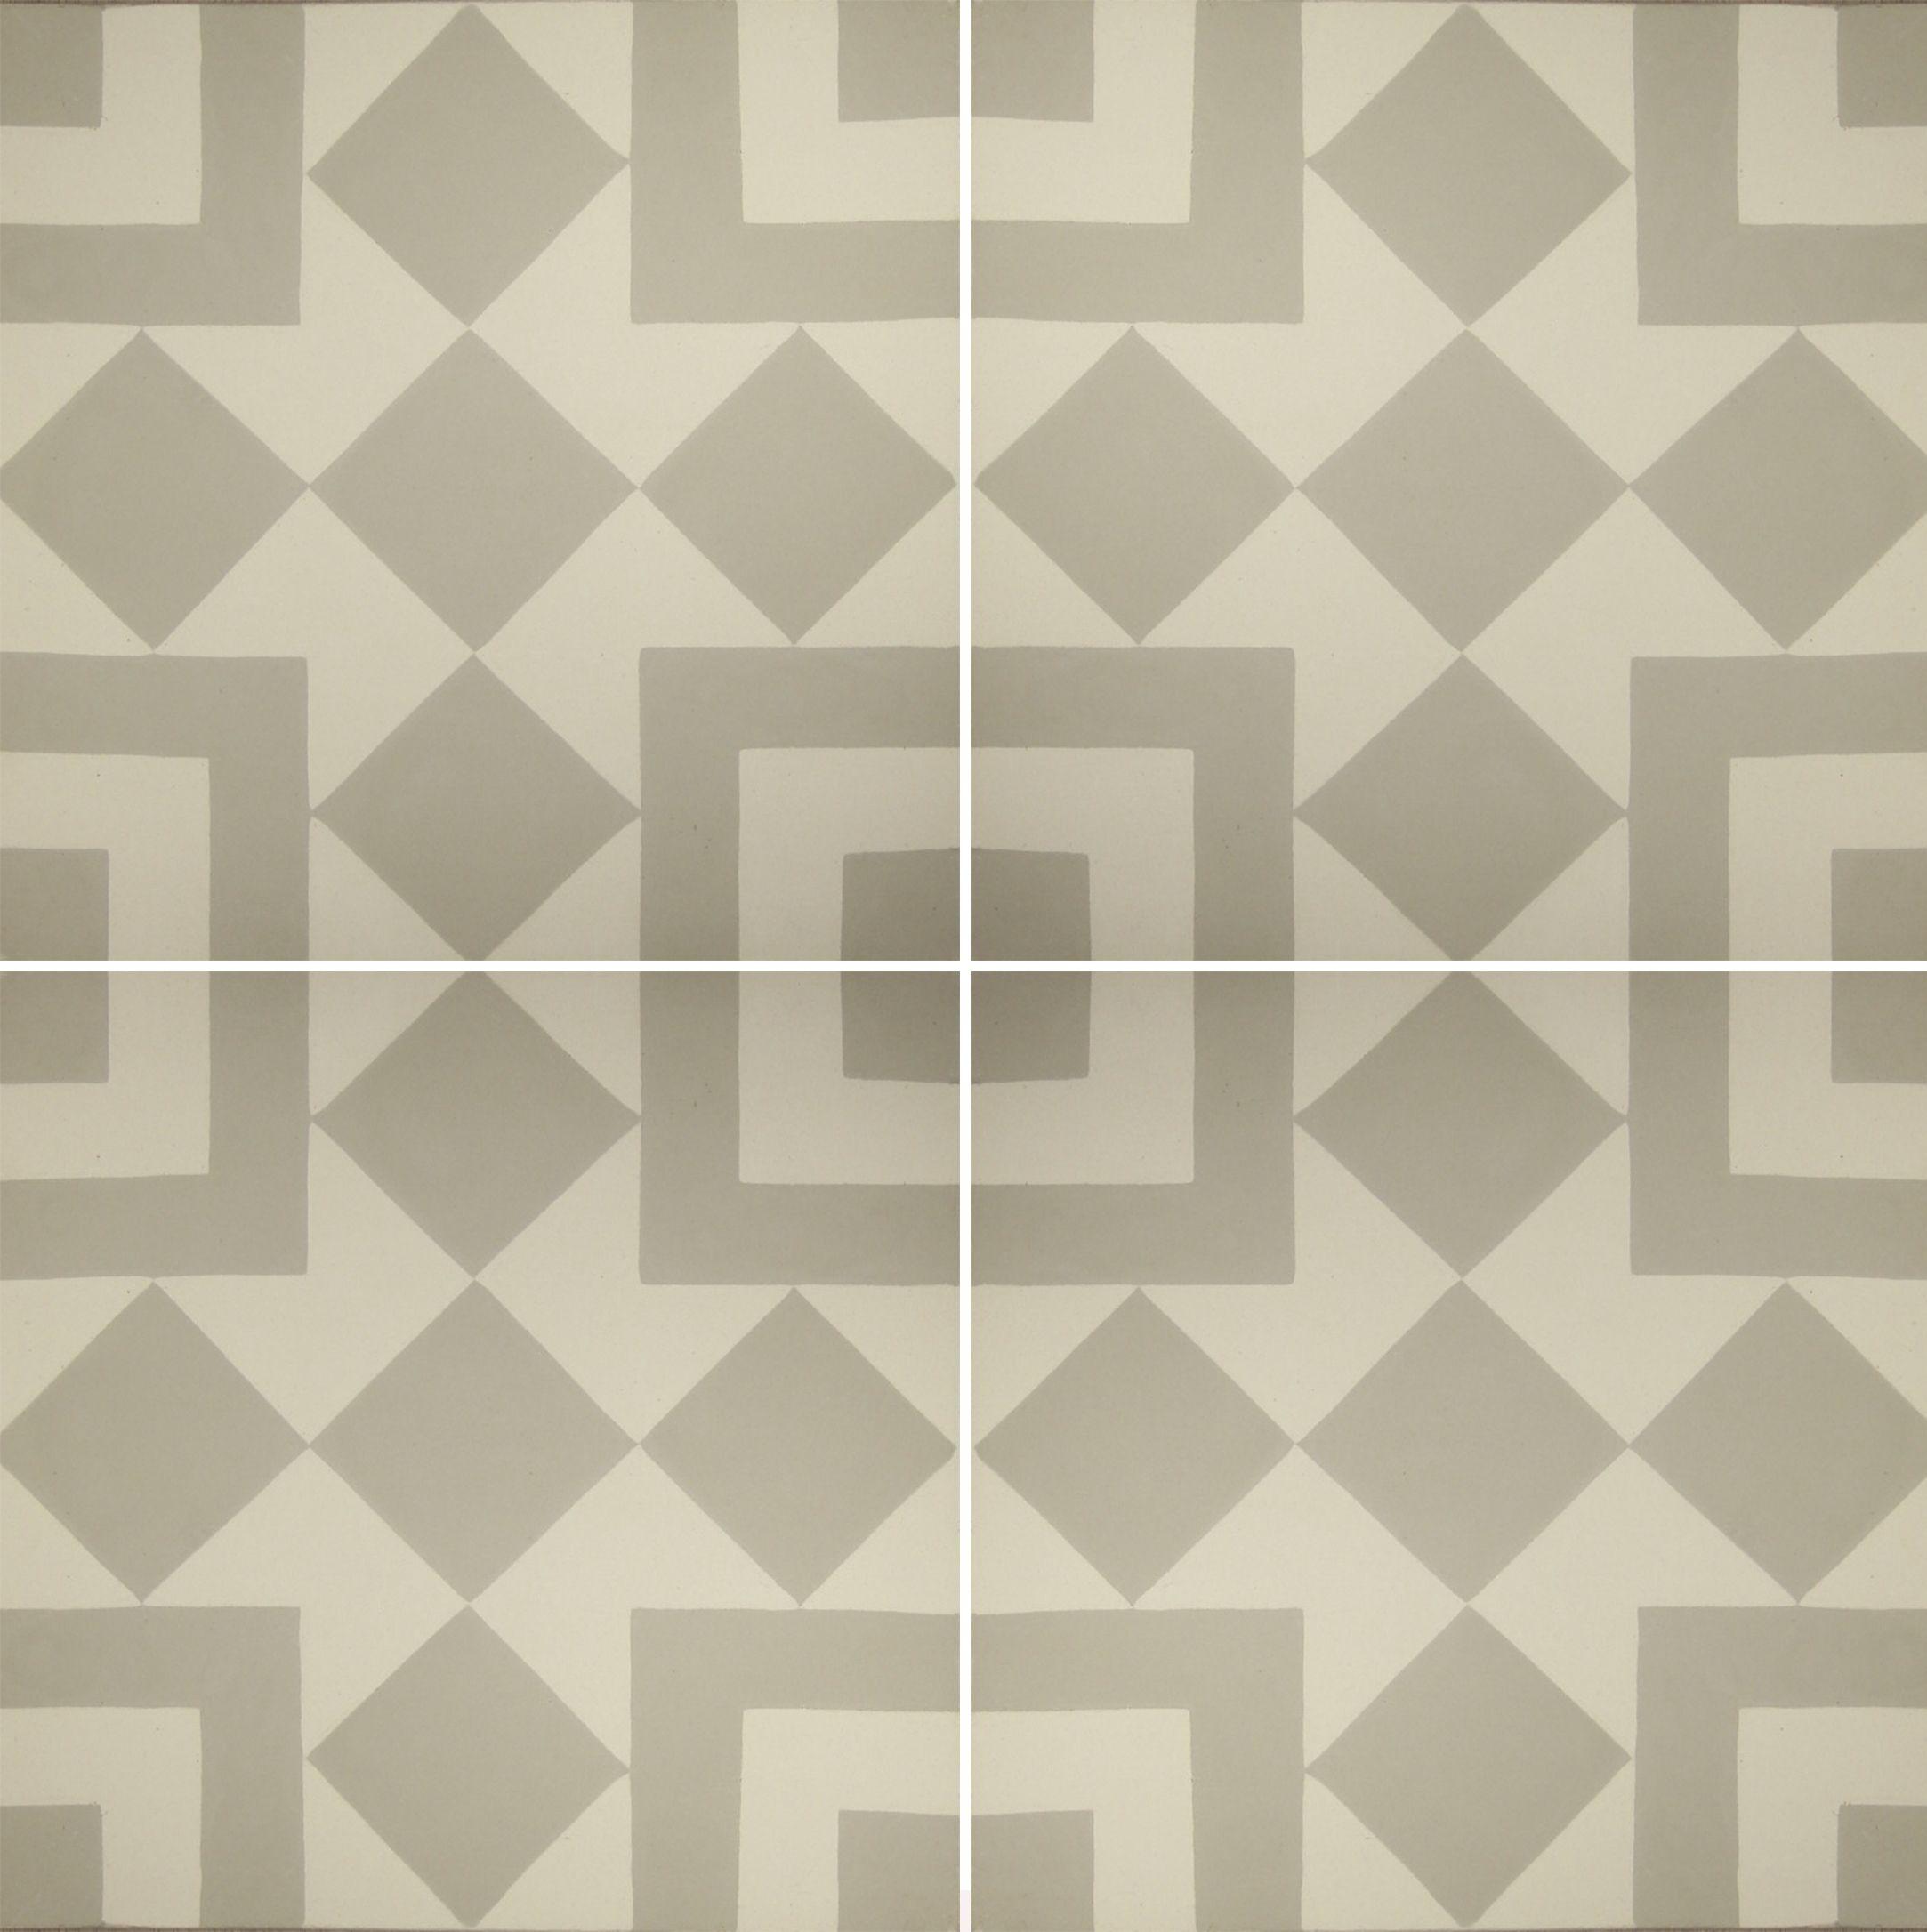 Dise o fez conipisos mosaicos pisos baldosas for Disenos para mosaicos